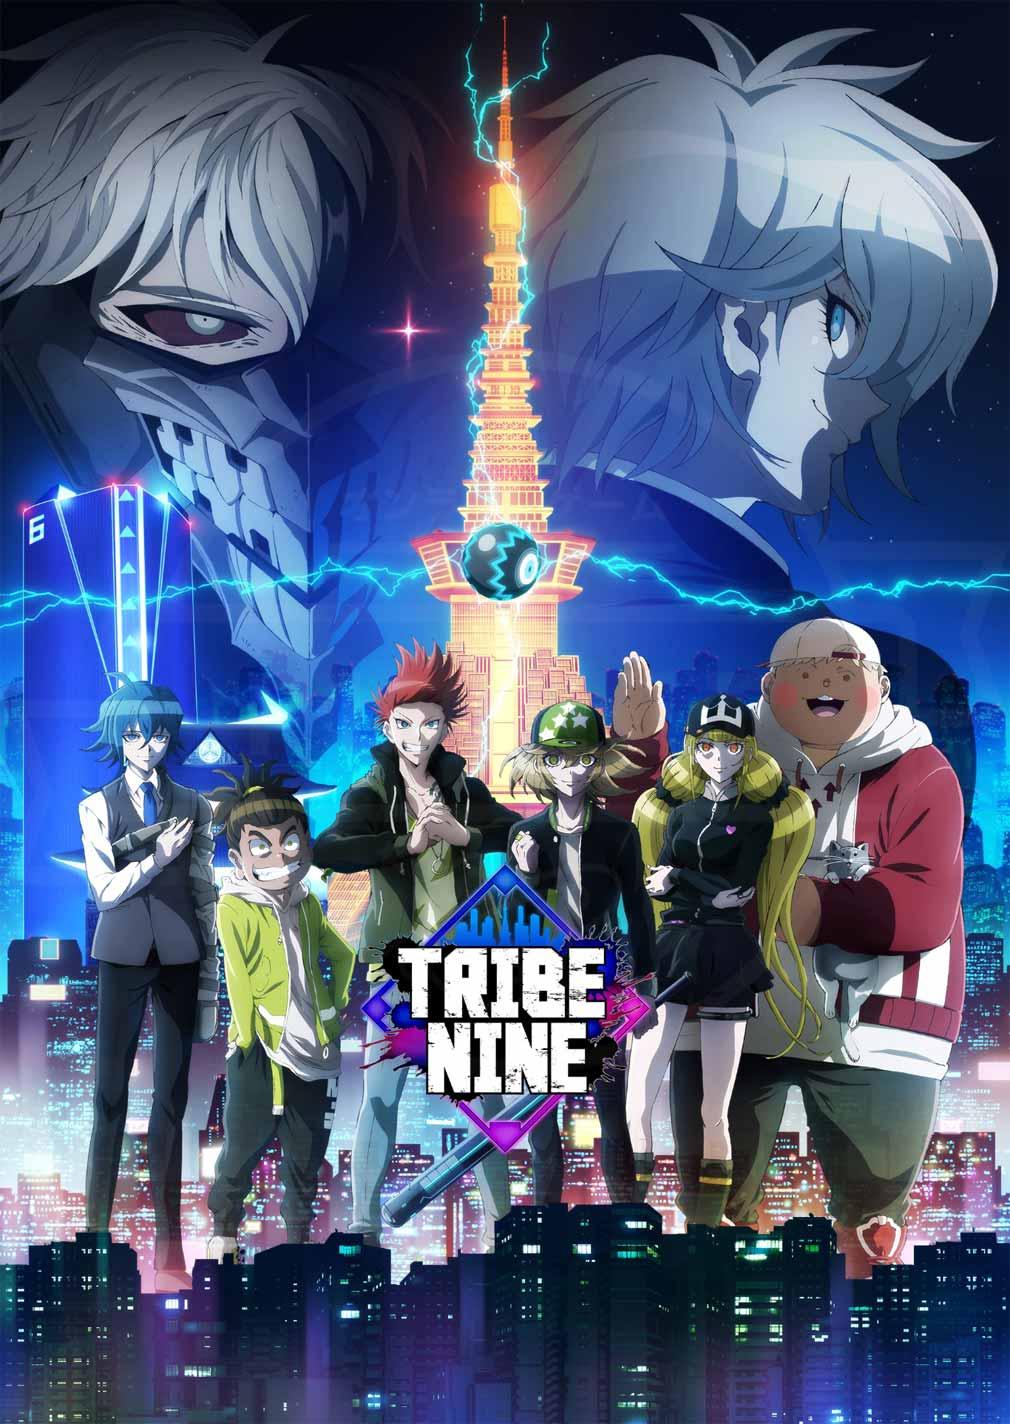 TRIBE NINE (トライブナイン) TVアニメ版キービジュアル